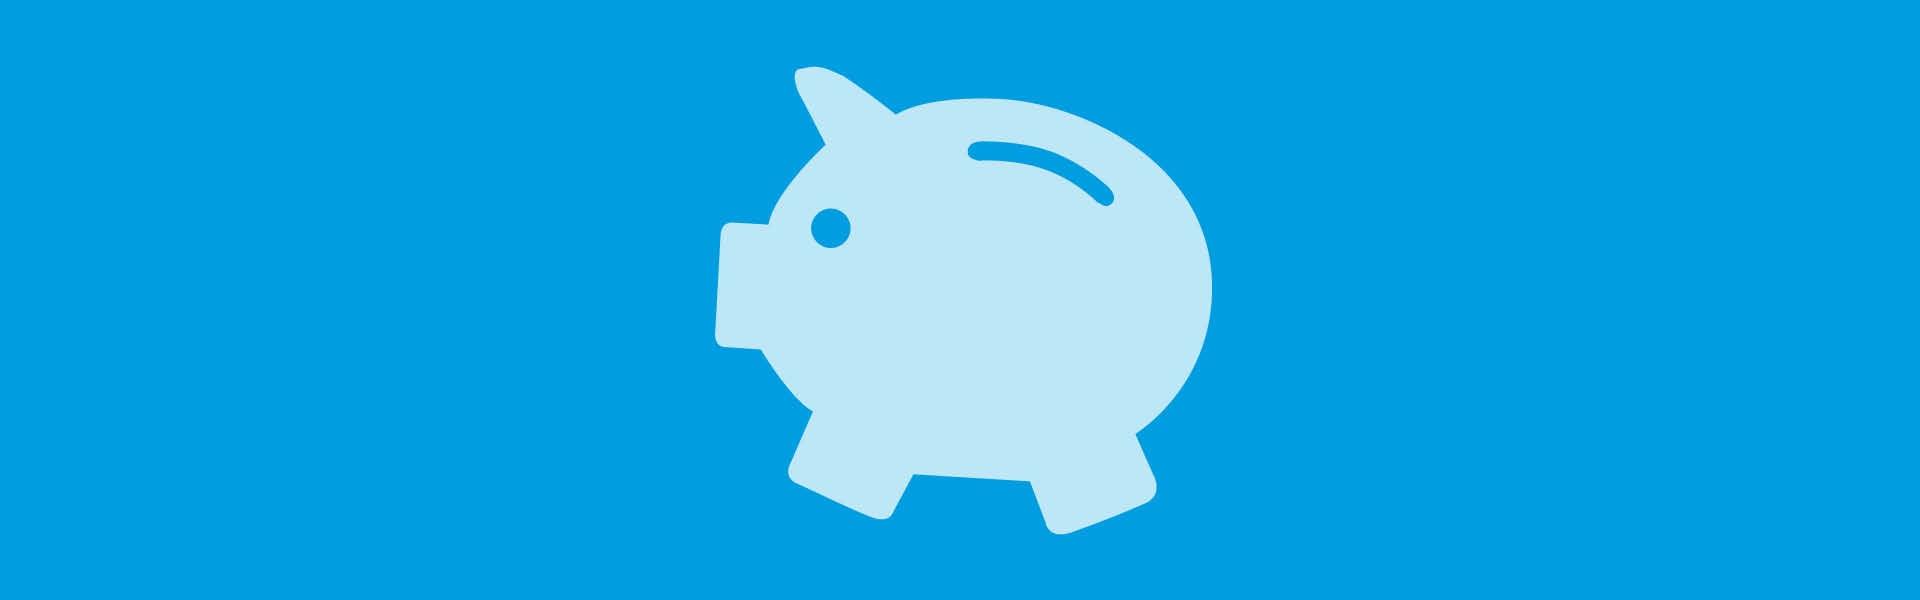 Webgrafik_Fundraising